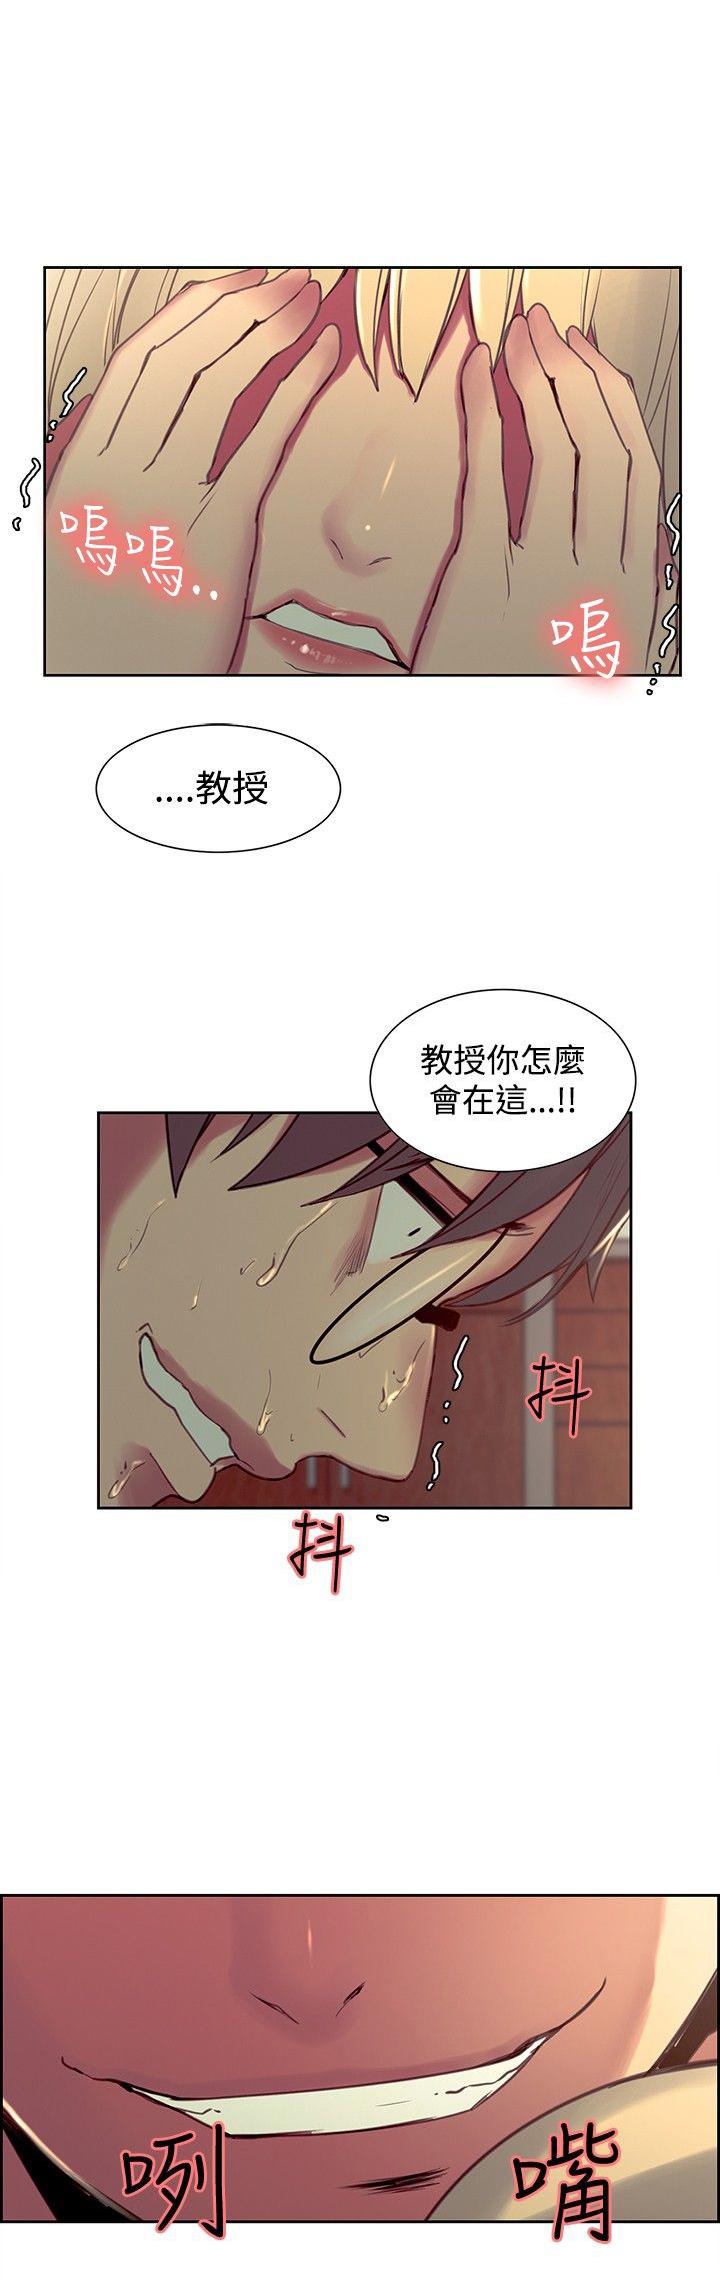 未删减漫画《双面保姆》(在线全集全文)